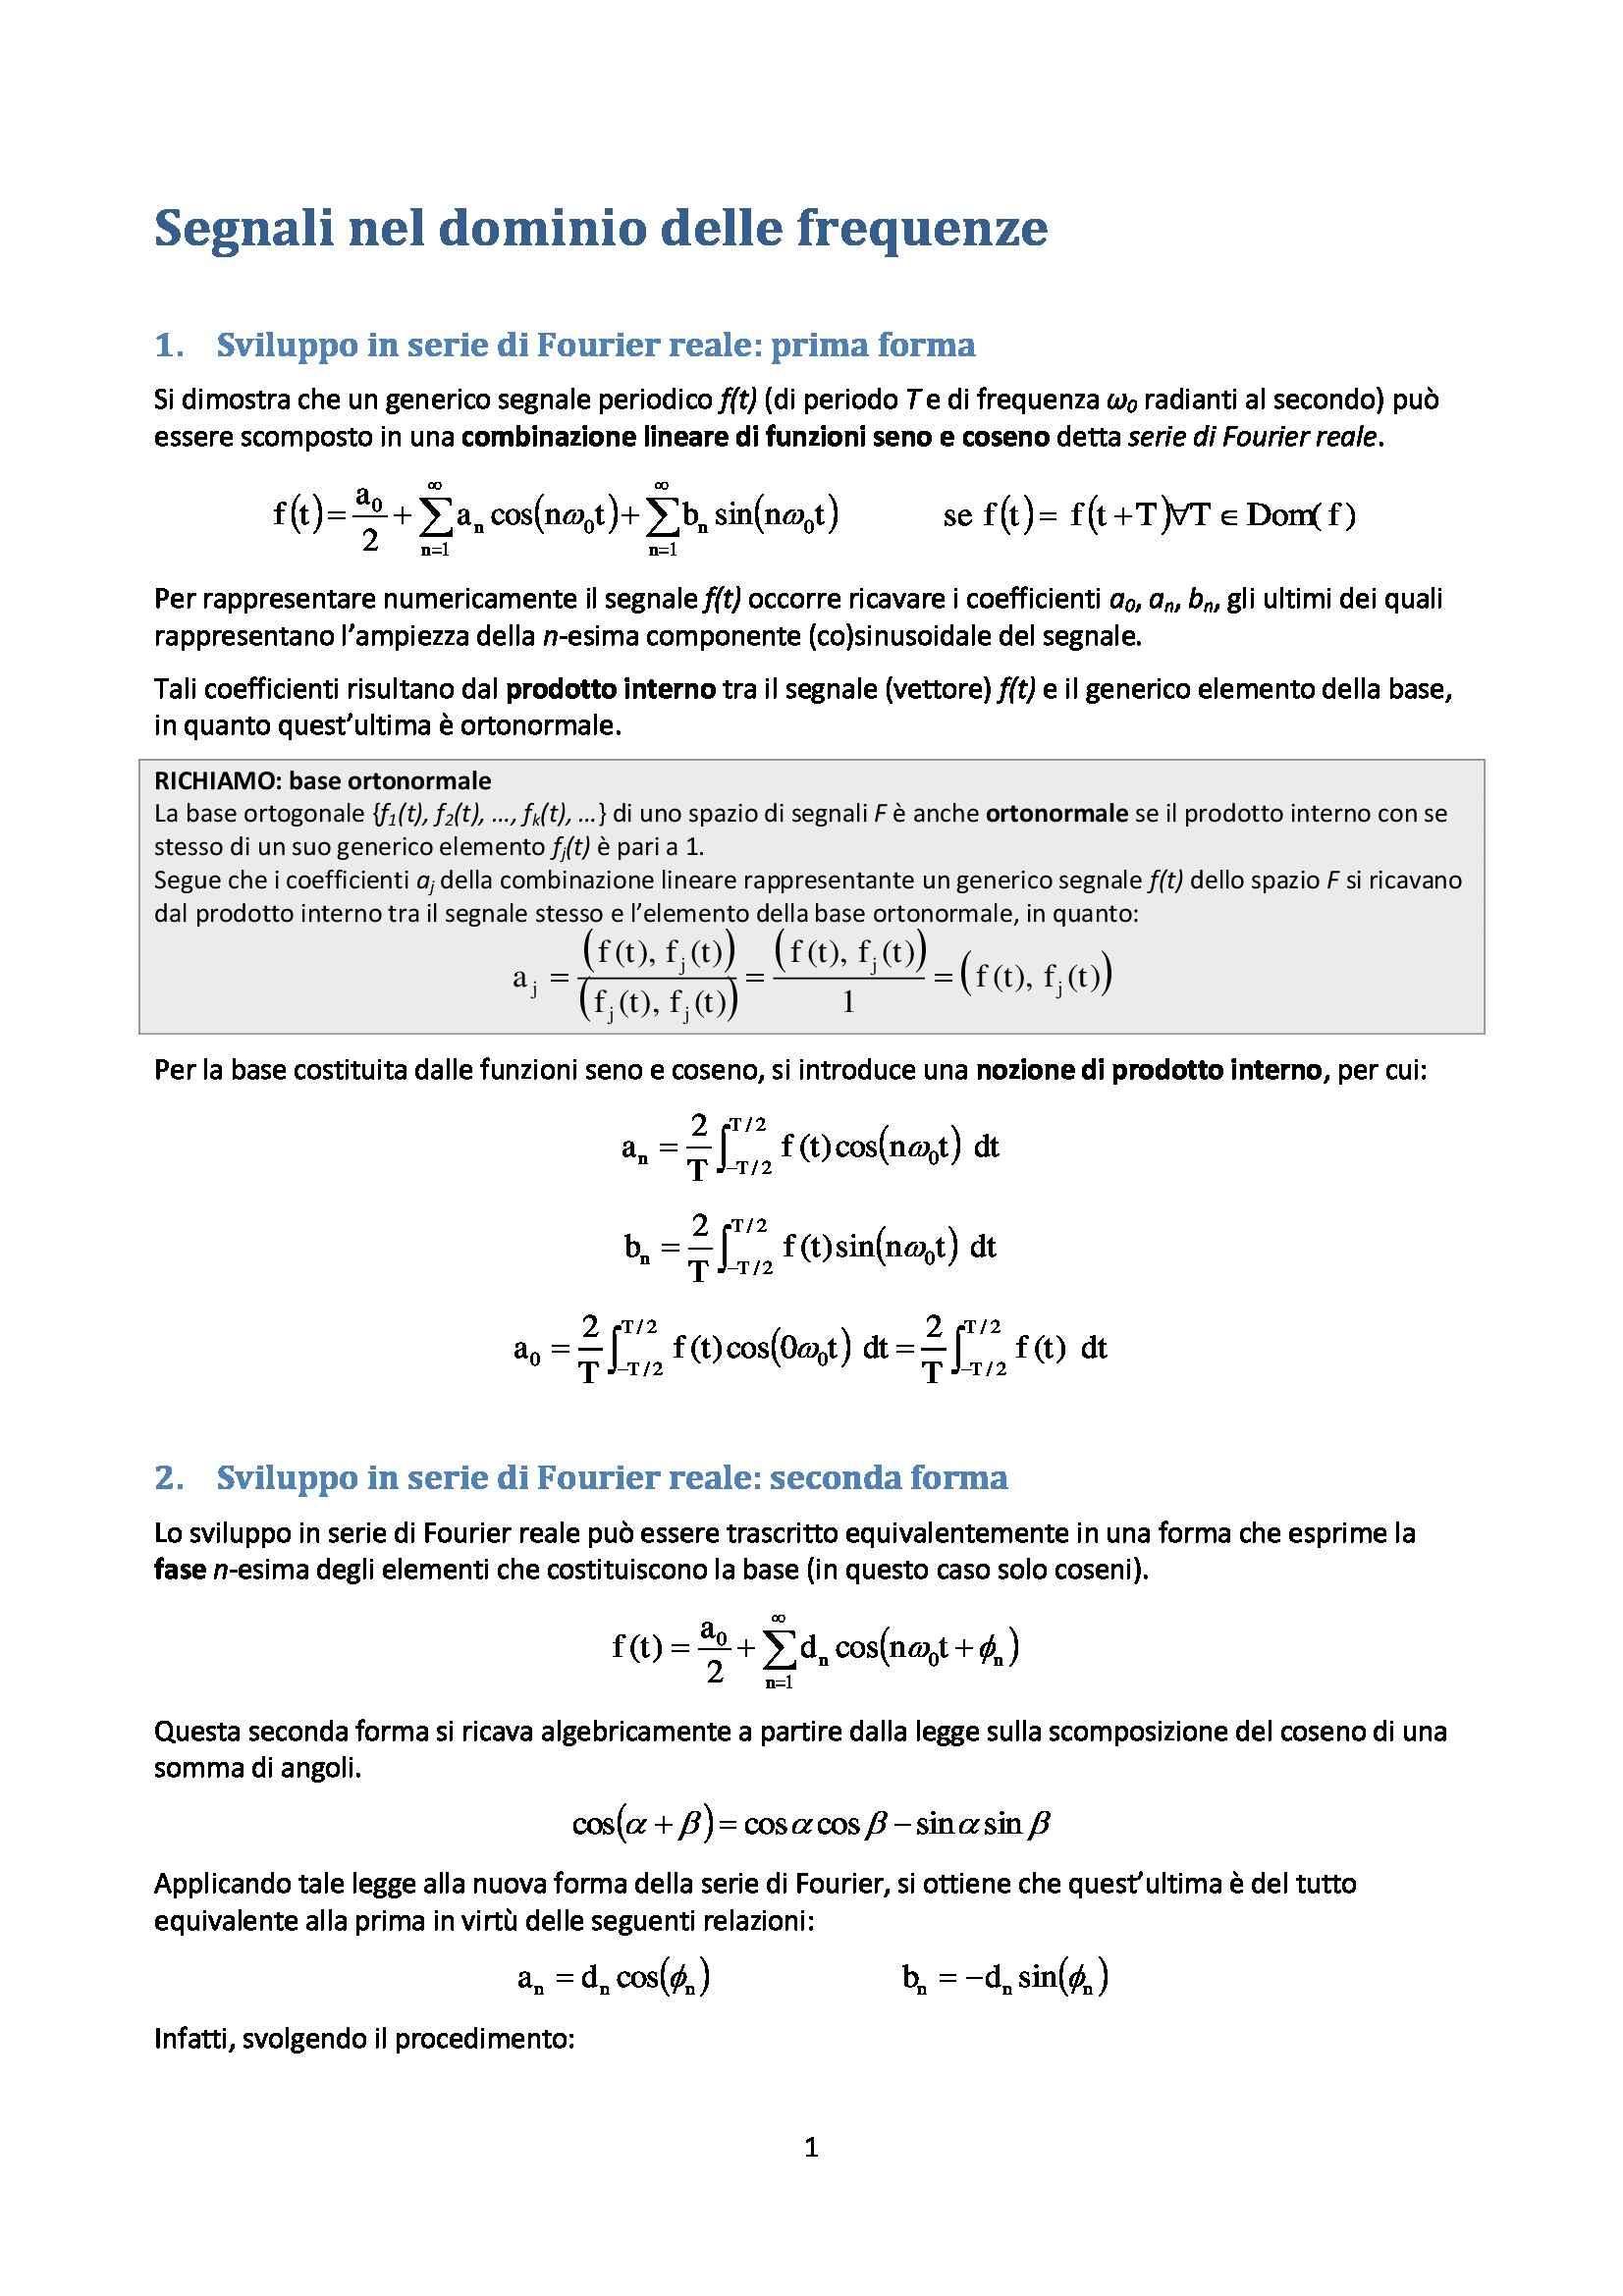 Elaborazione numerica dei segnali - Appunti